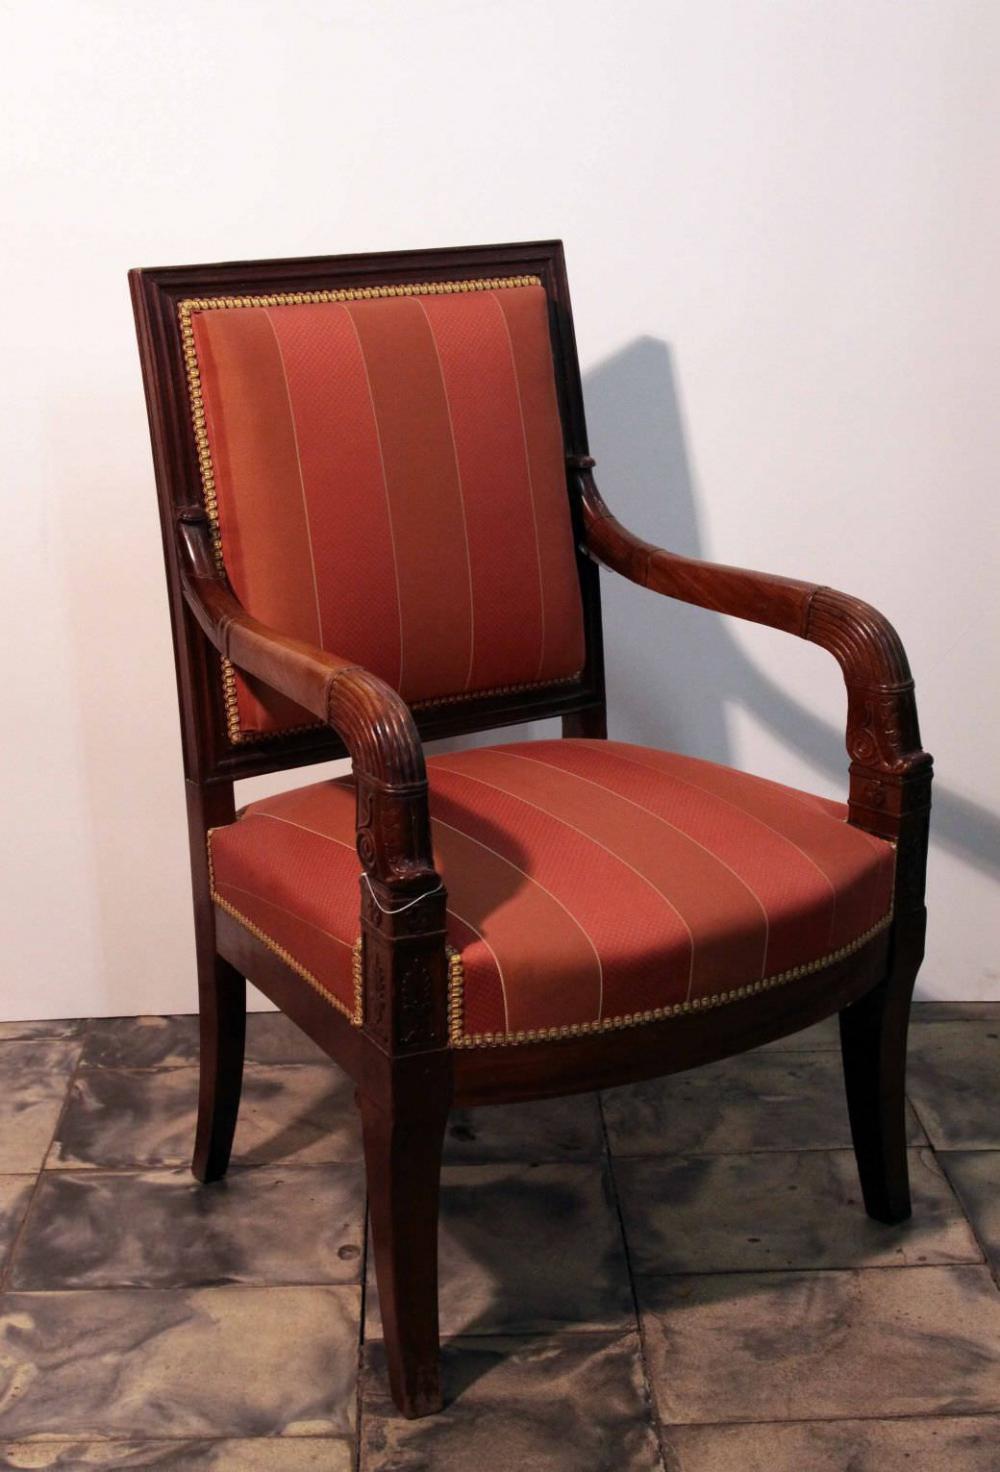 Кресло красного дерева в стиле директории мастер  J. Louis